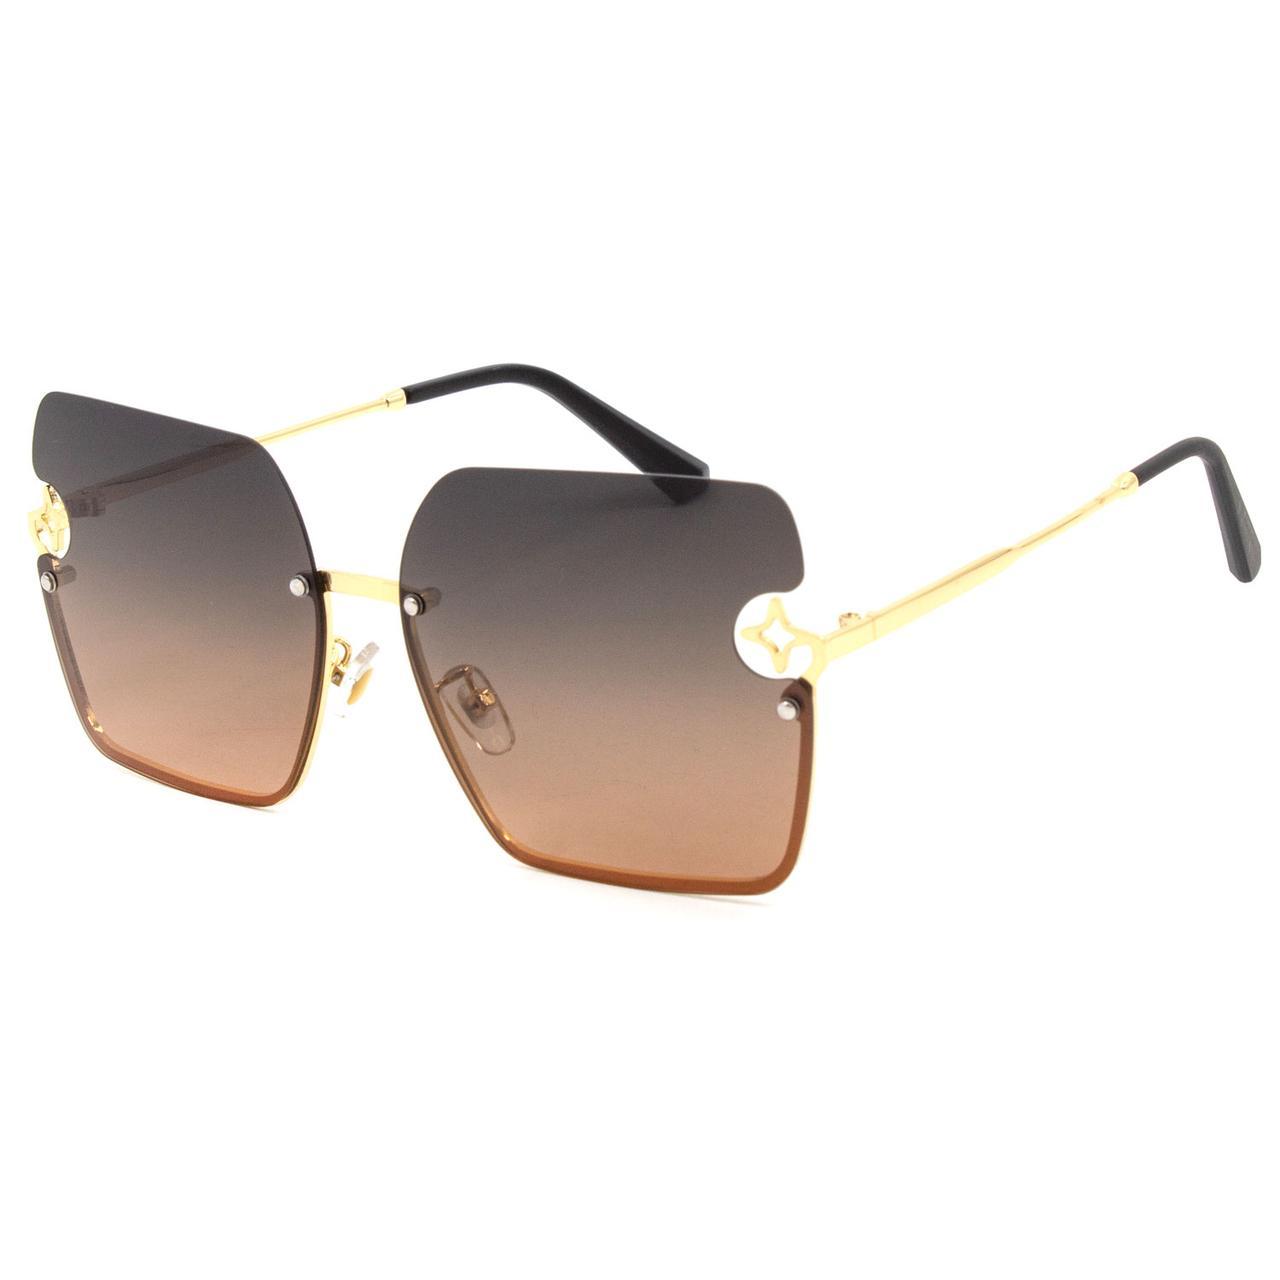 Солнцезащитные очки Marmilen Polar 6380 C2 золотые с коричневым   ( 6380-02 )